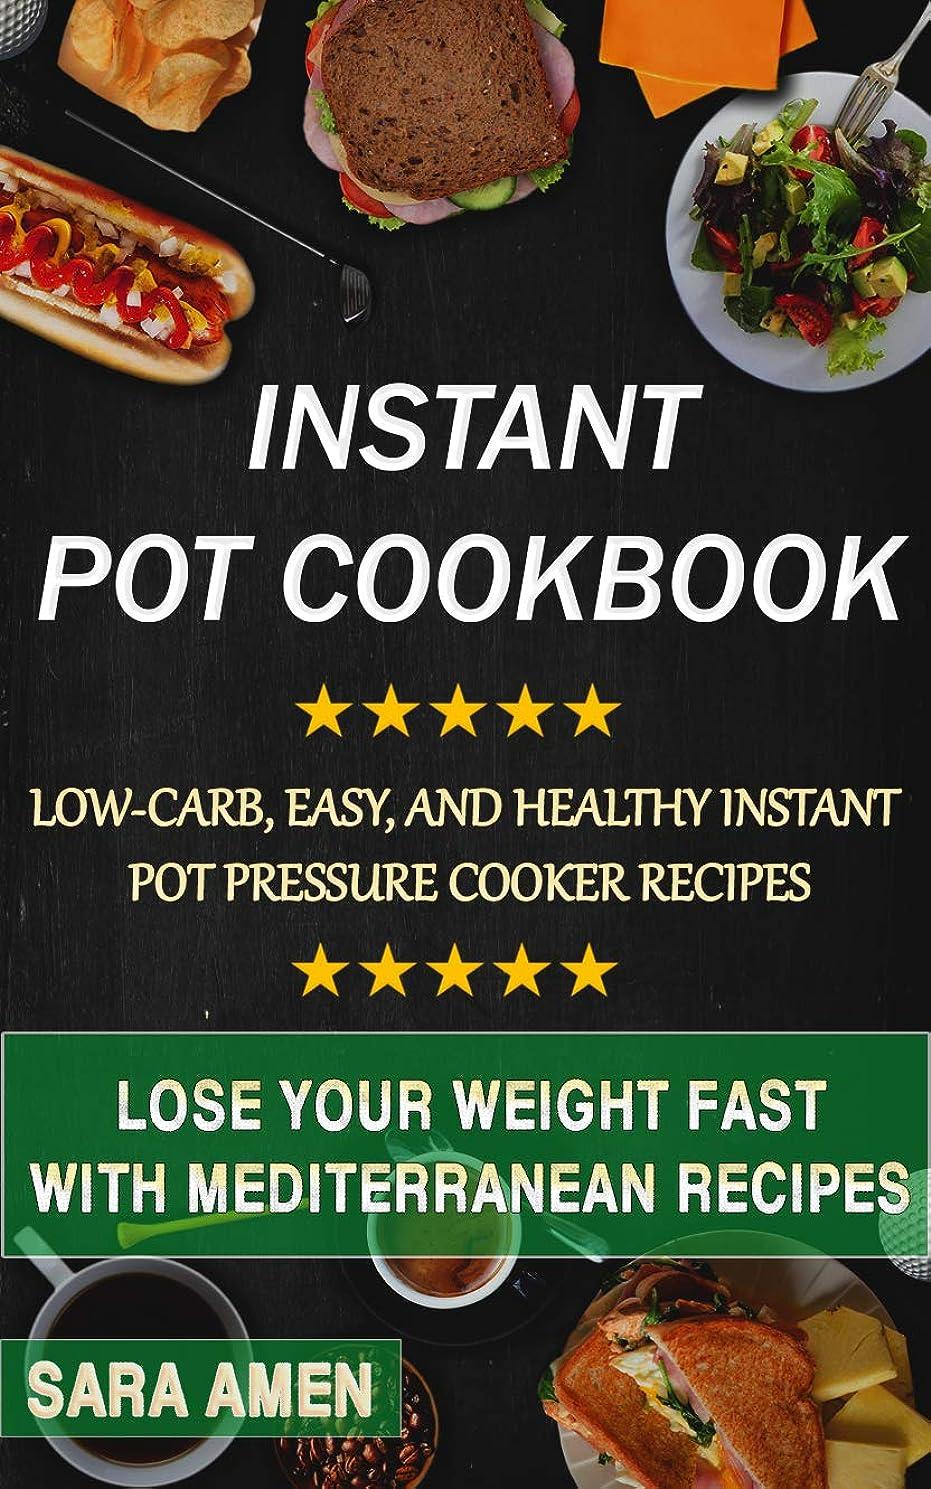 太陽化粧推測Instant Pot Cookbook: Low-Carb, Easy, and Healthy Instant Pot Pressure Cooker Recipes: Lose Your Weight Fast with Mediterranean Recipes for Your Electric Pressure Cooker (English Edition)